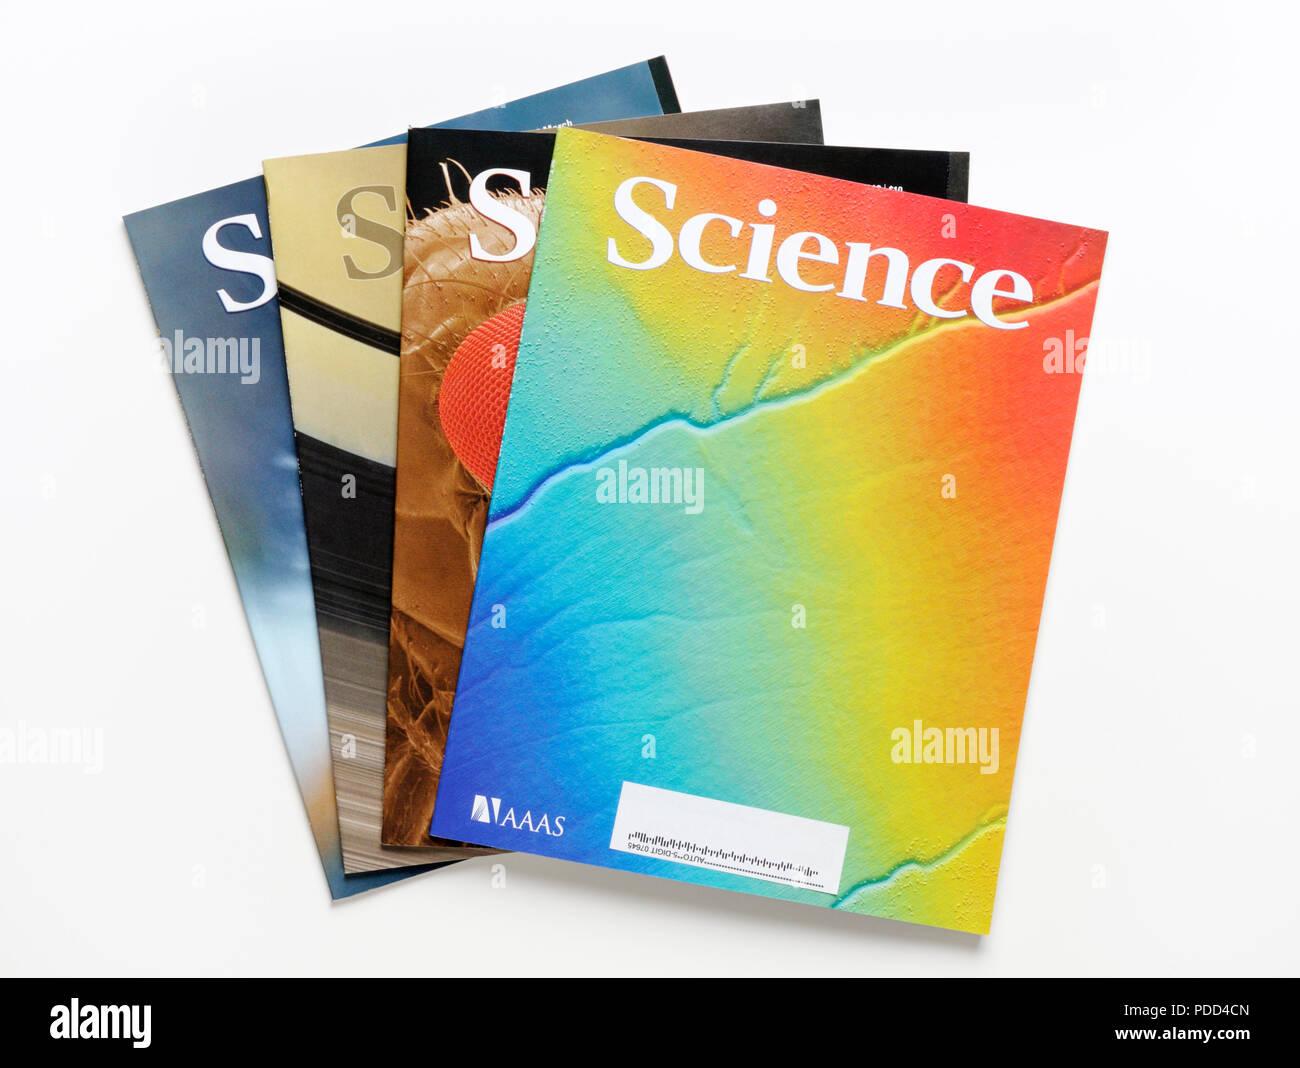 Peer-reviewed scienza ricerca riviste. Questo ufficiale, della scienza, è pubblicata dalla Associazione americana per il progresso della scienza (AAAS). Immagini Stock